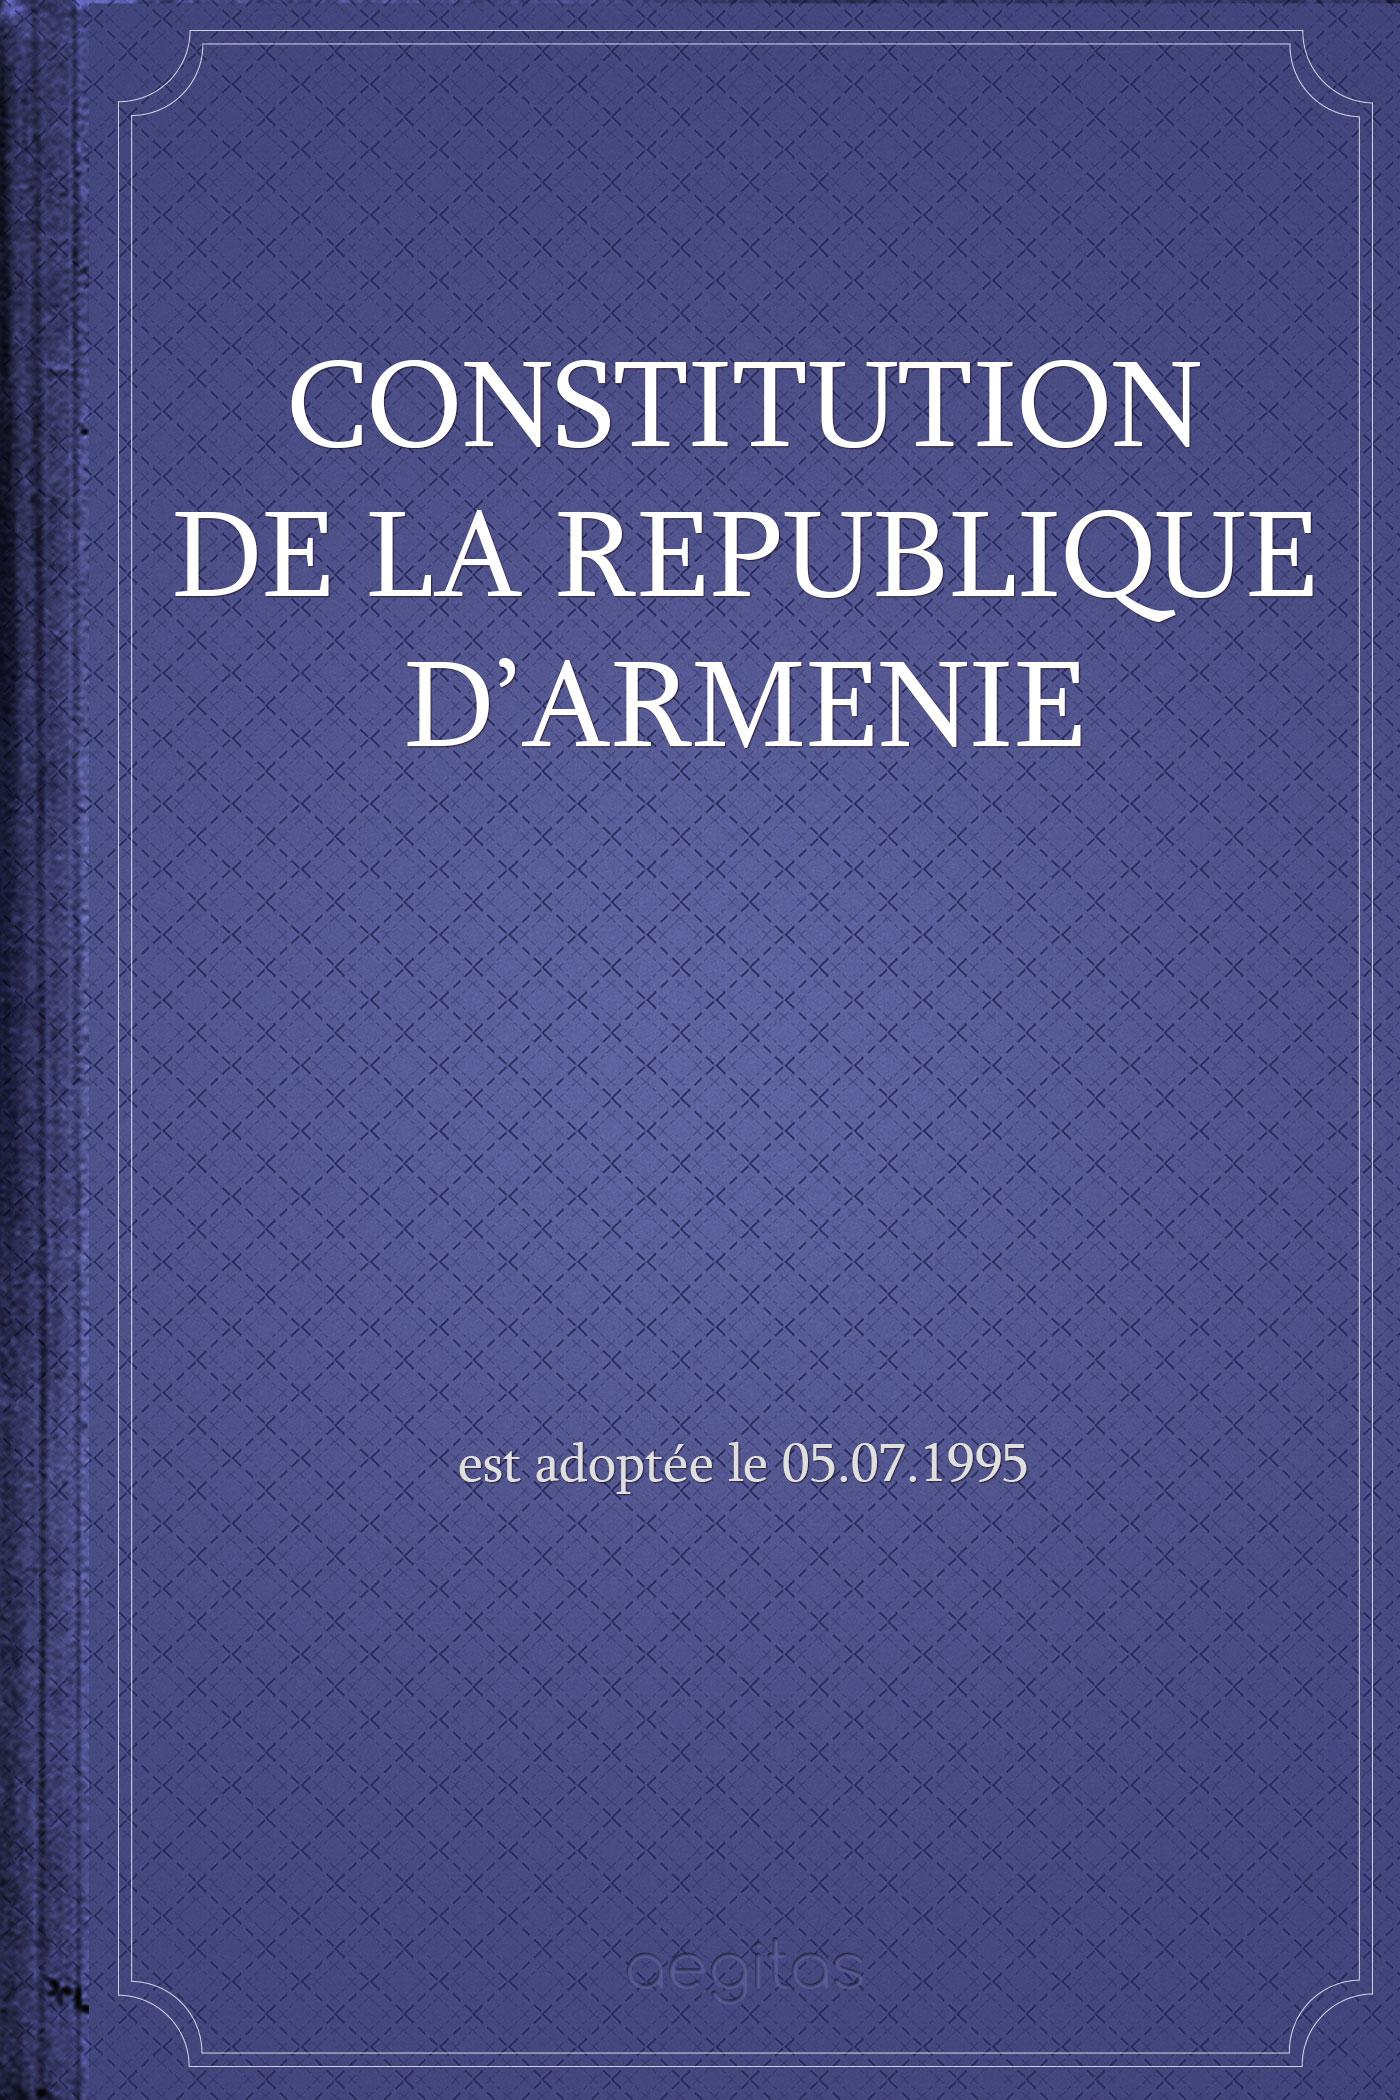 Constitution de la République d'Arménie